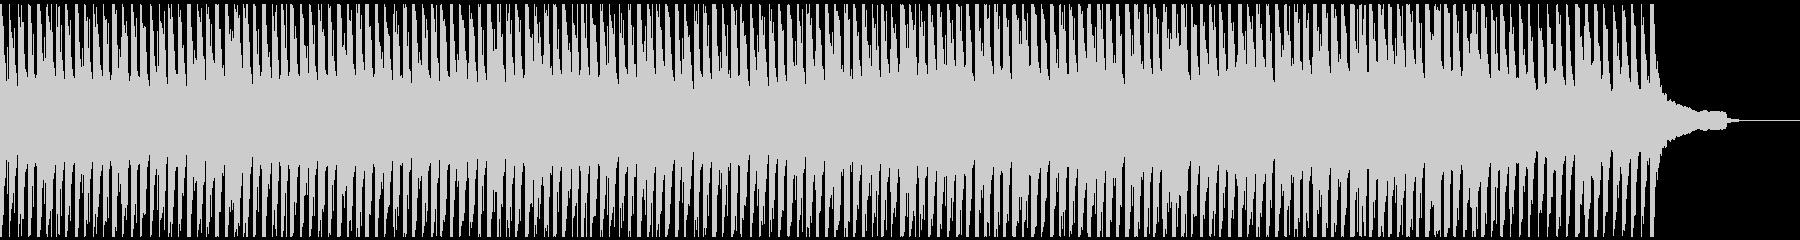 シックな雰囲気の曲の未再生の波形